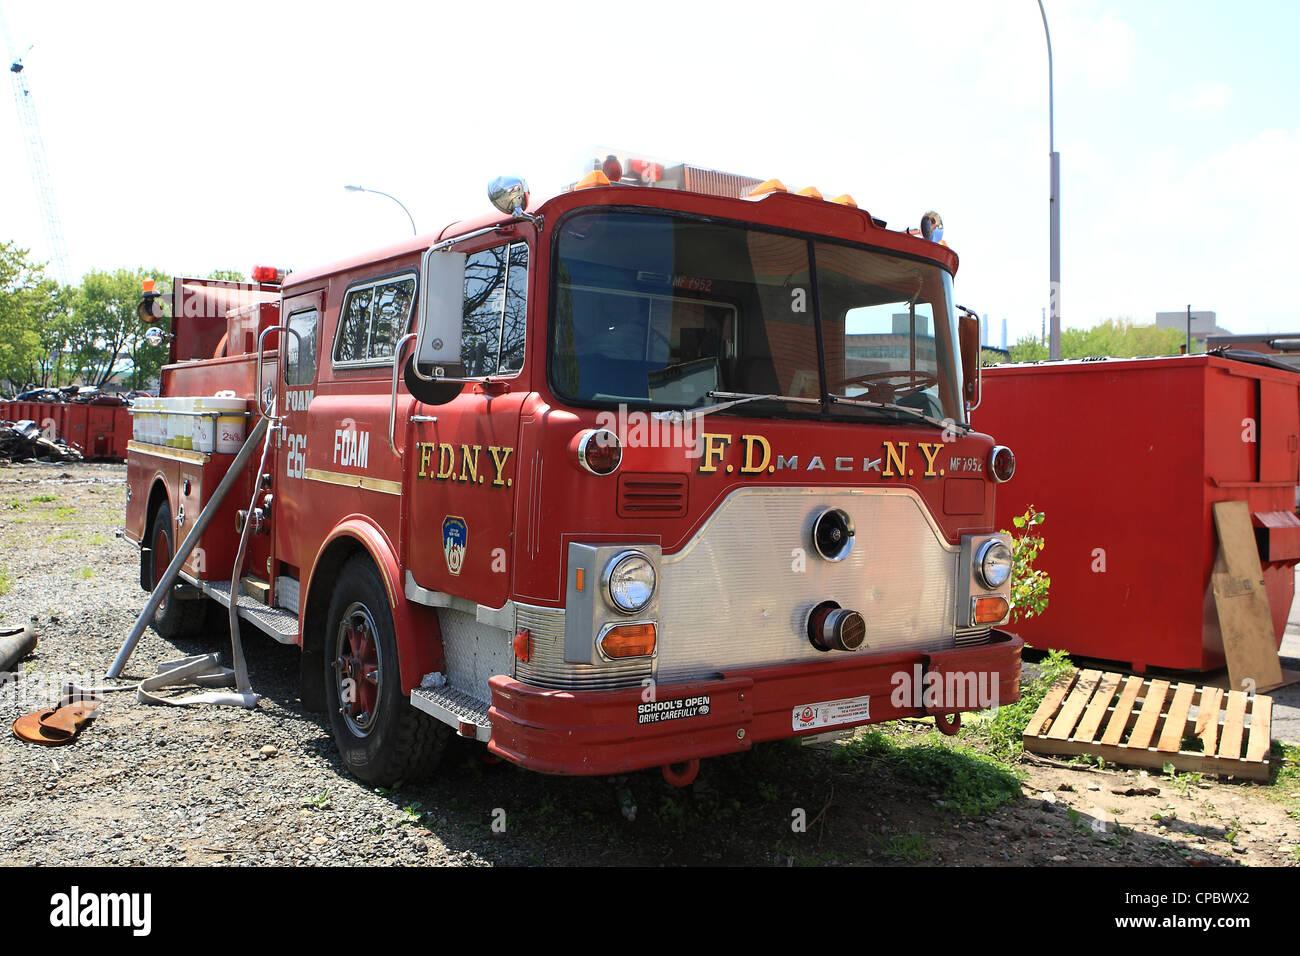 mack tower ladder fire truck